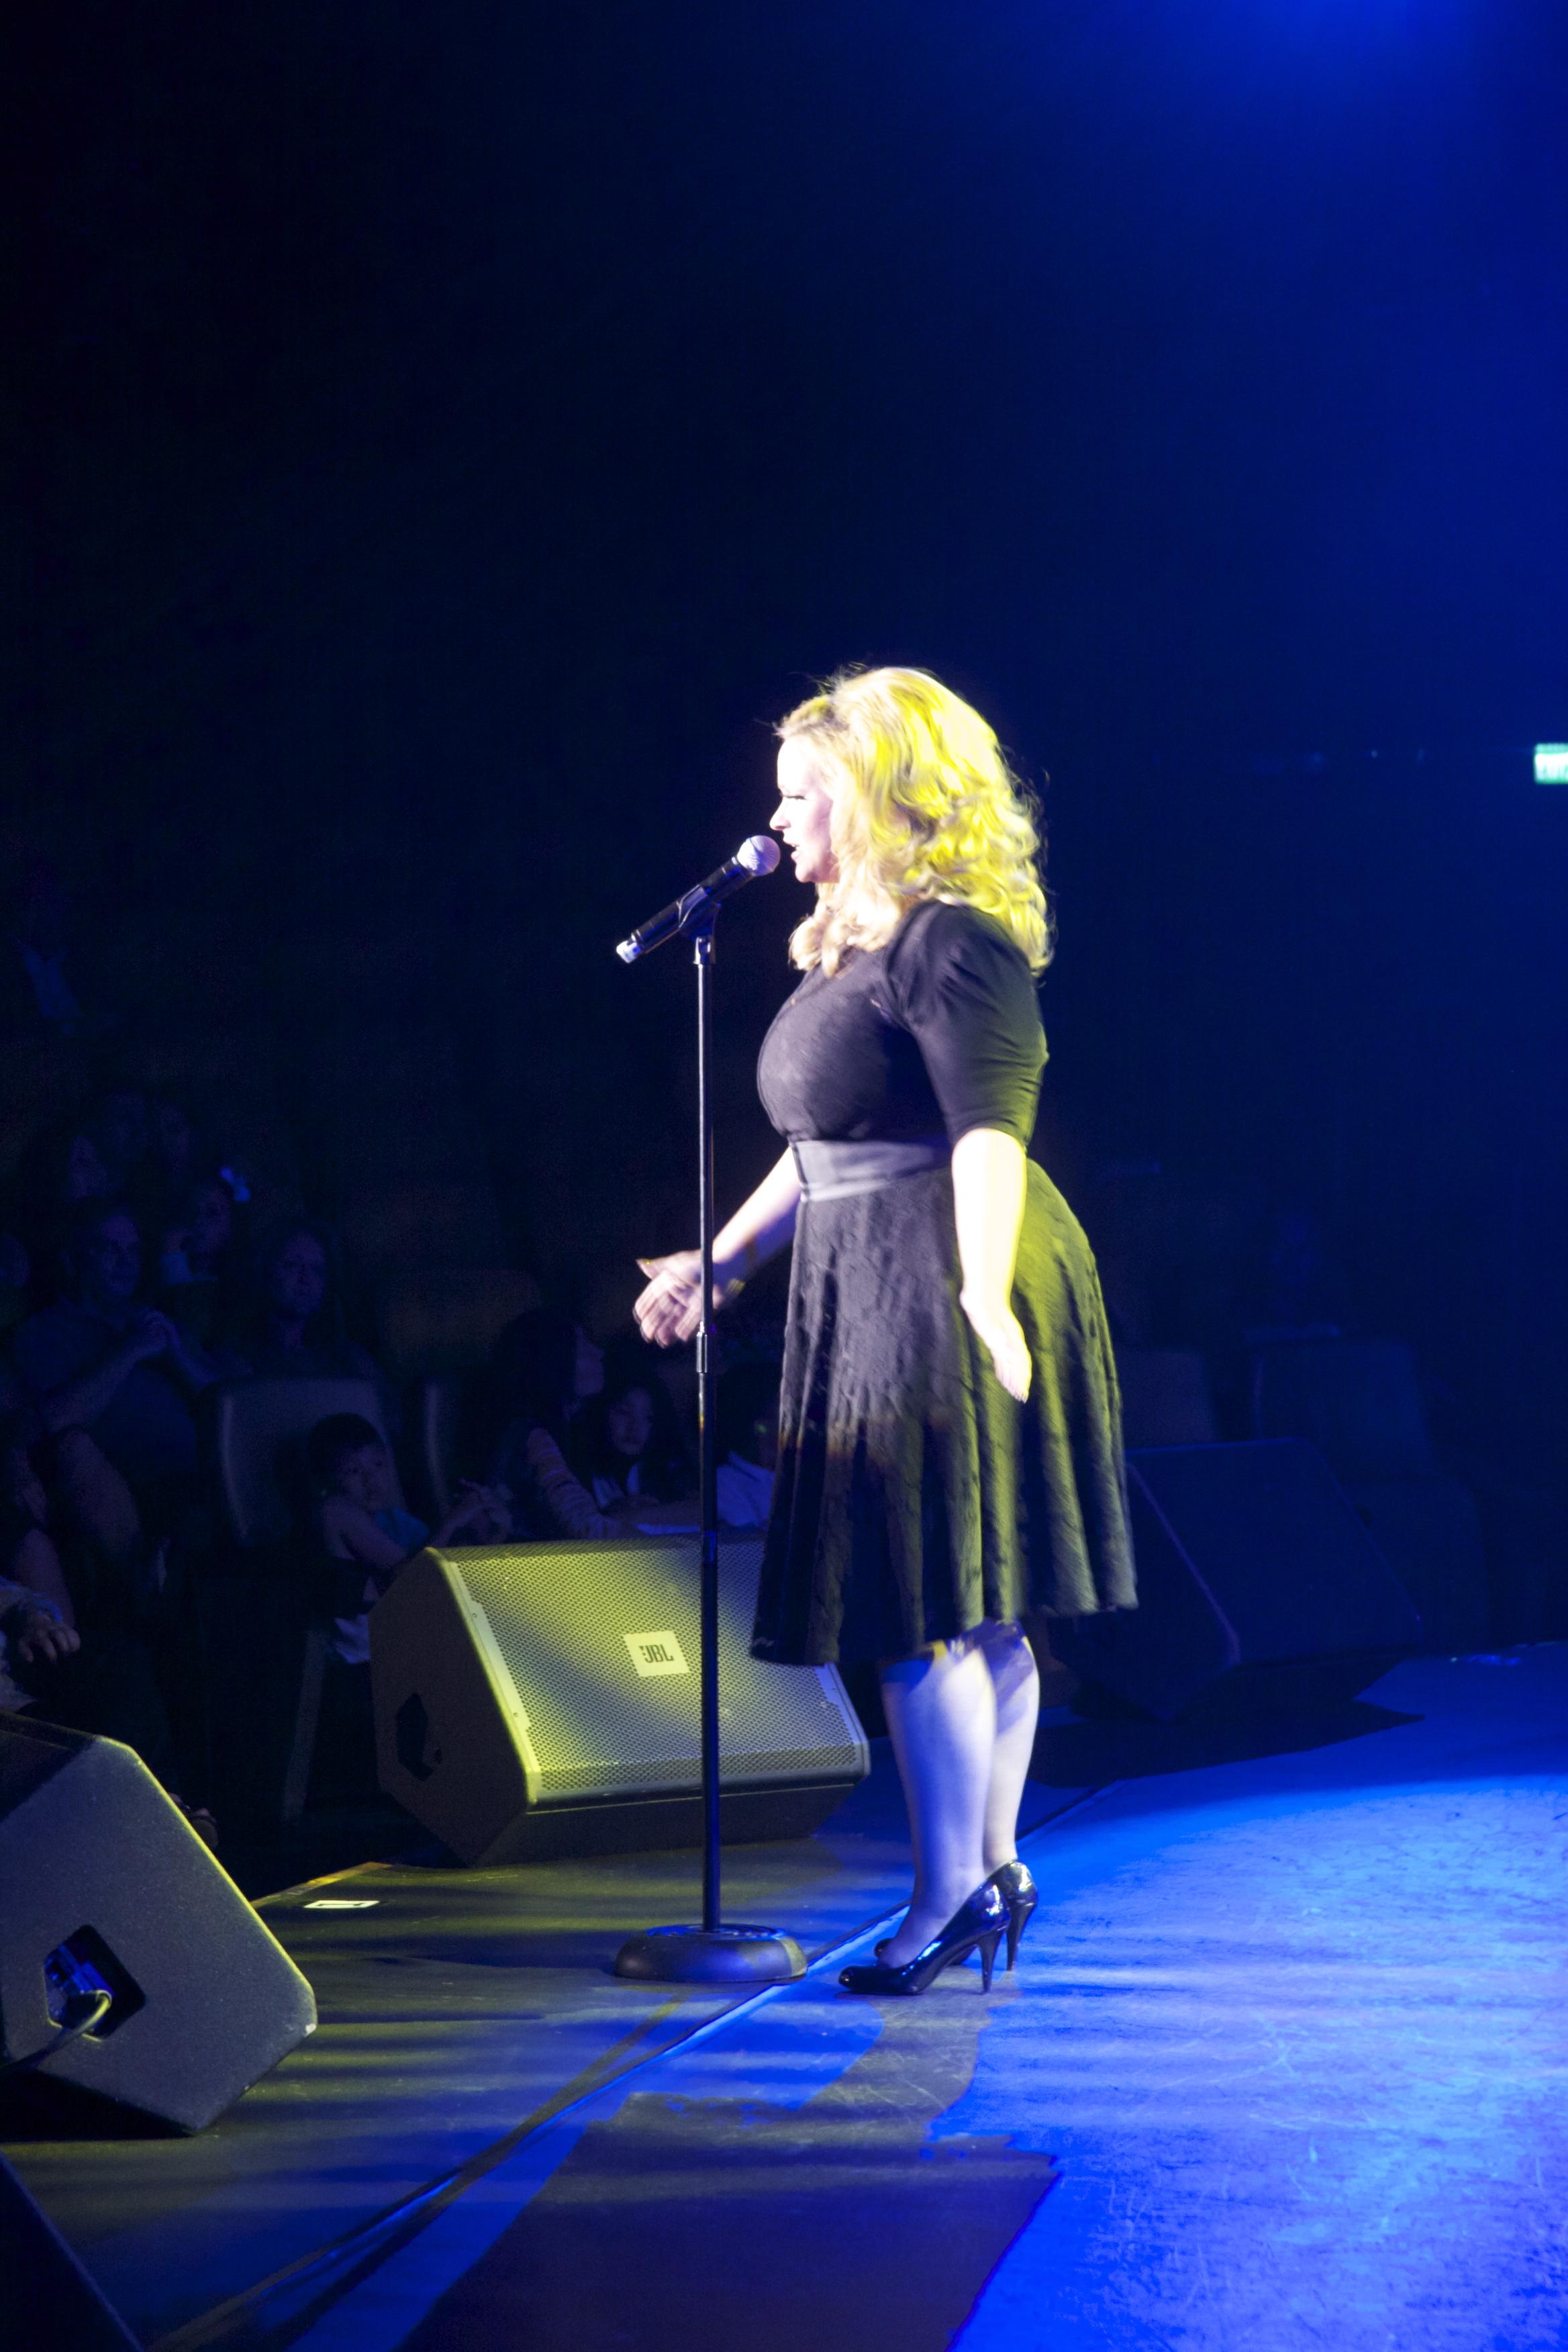 JC Brando as Adele live stage 4